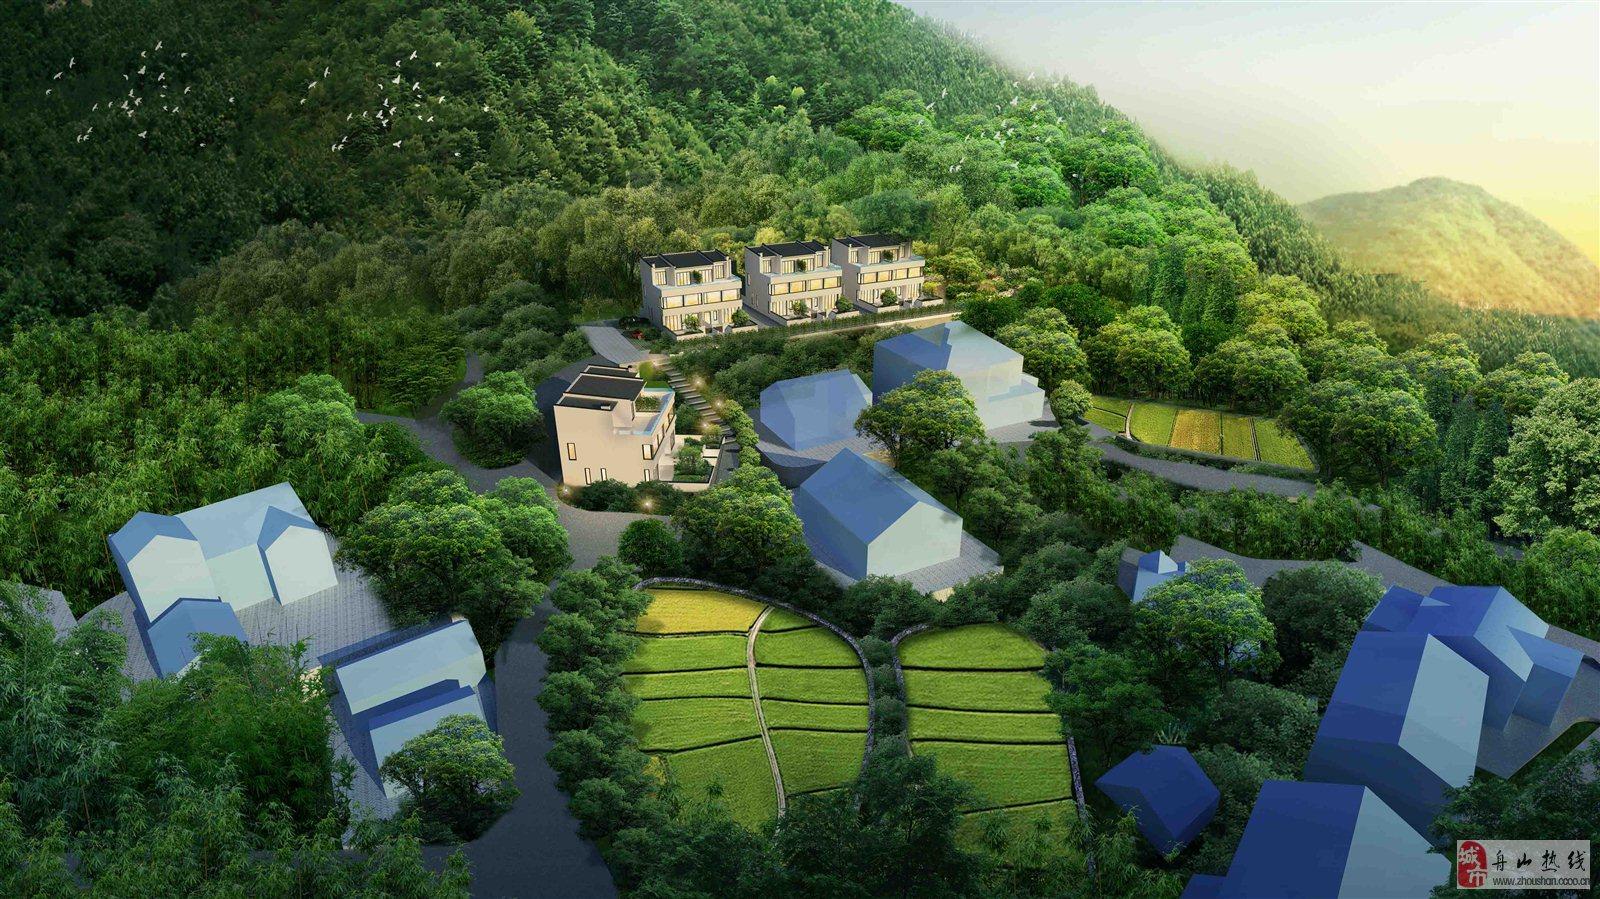 南坡居梯田景观4室2厅3卫仅60万元